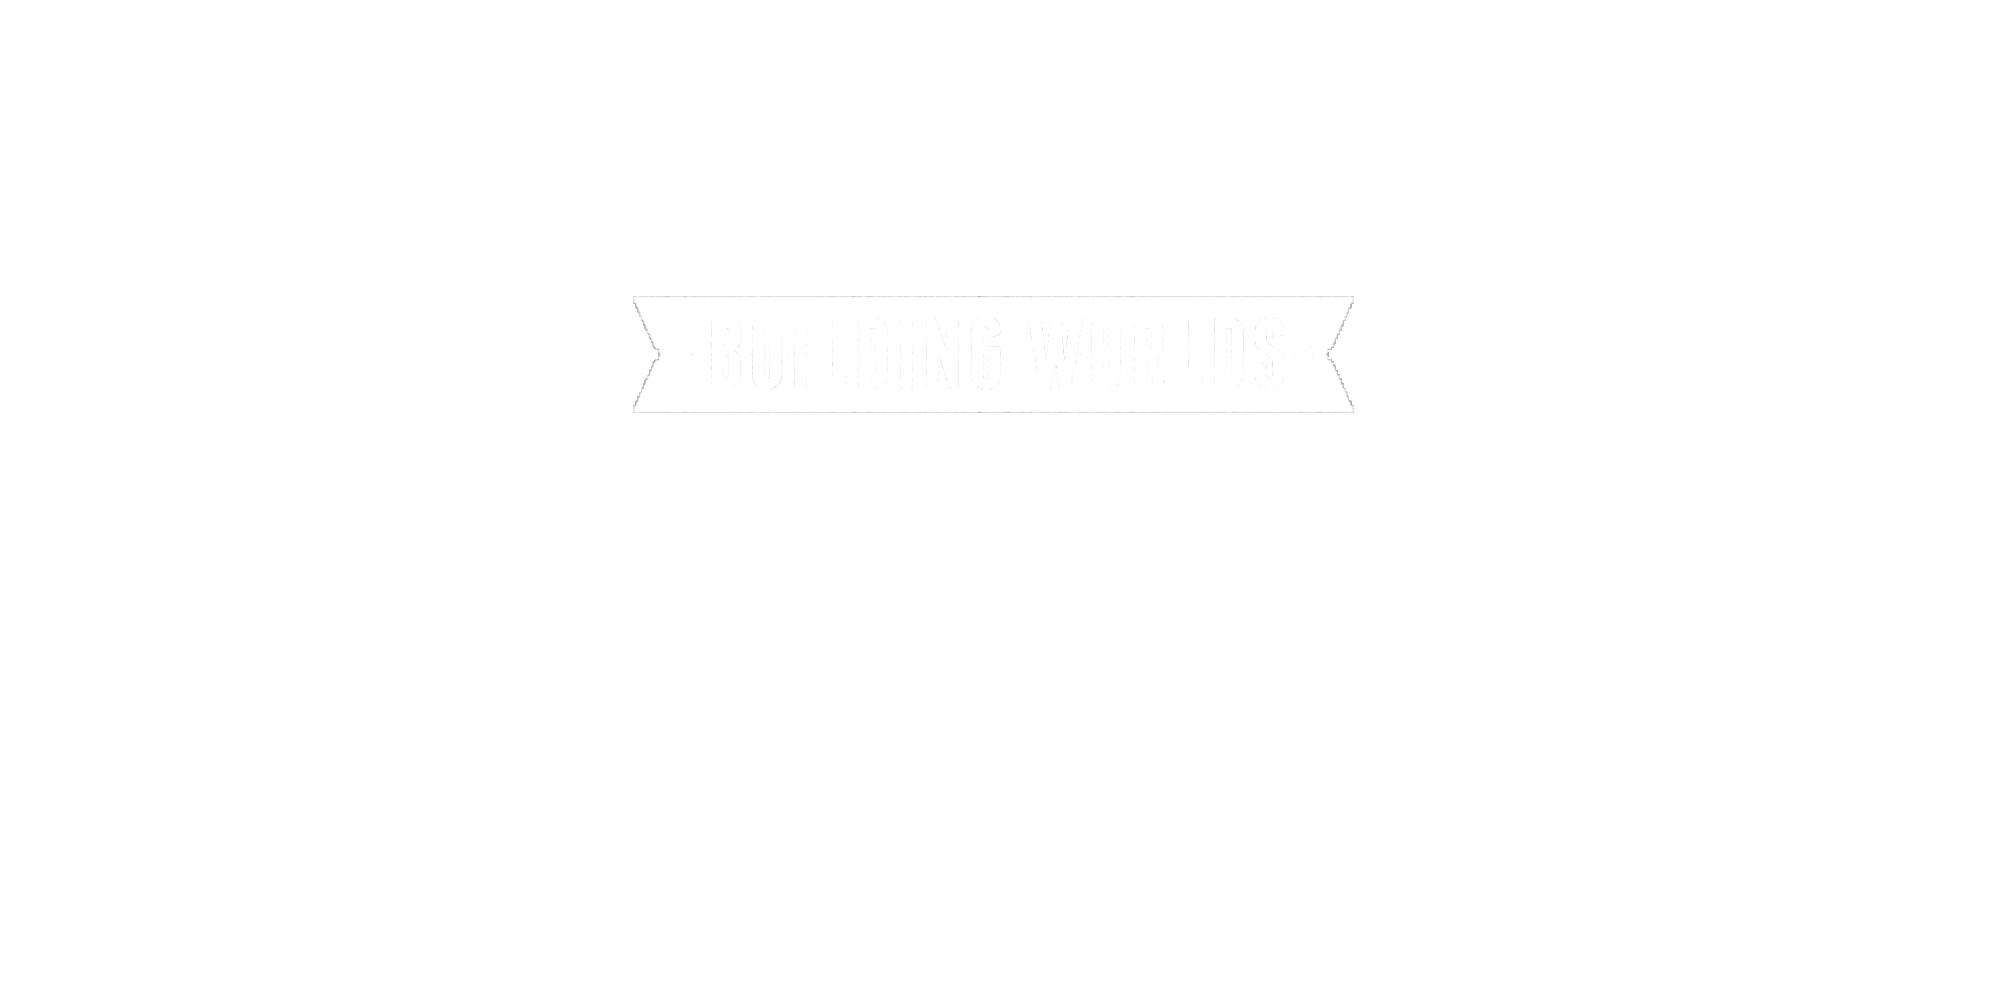 FlowPlay-hero-copy---creativity.png